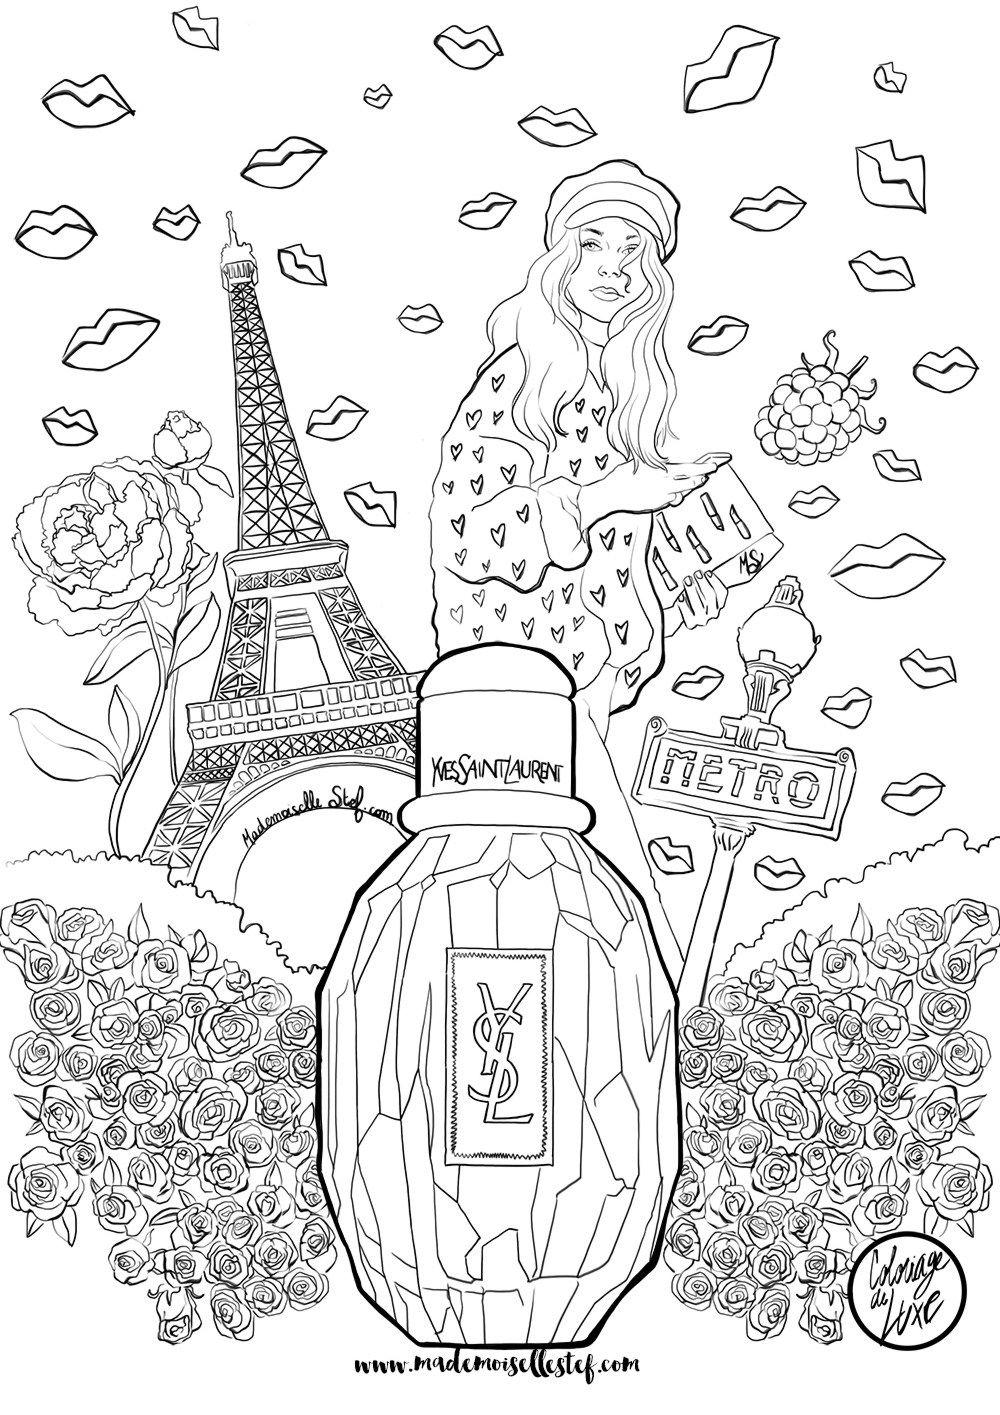 Yves ColoriageParfum ColoriageParfum ColoriageParfum Parisienne Yves LaurentScrap Parisienne Saint Saint Yves Parisienne LaurentScrap Saint yIfg6b7Yv